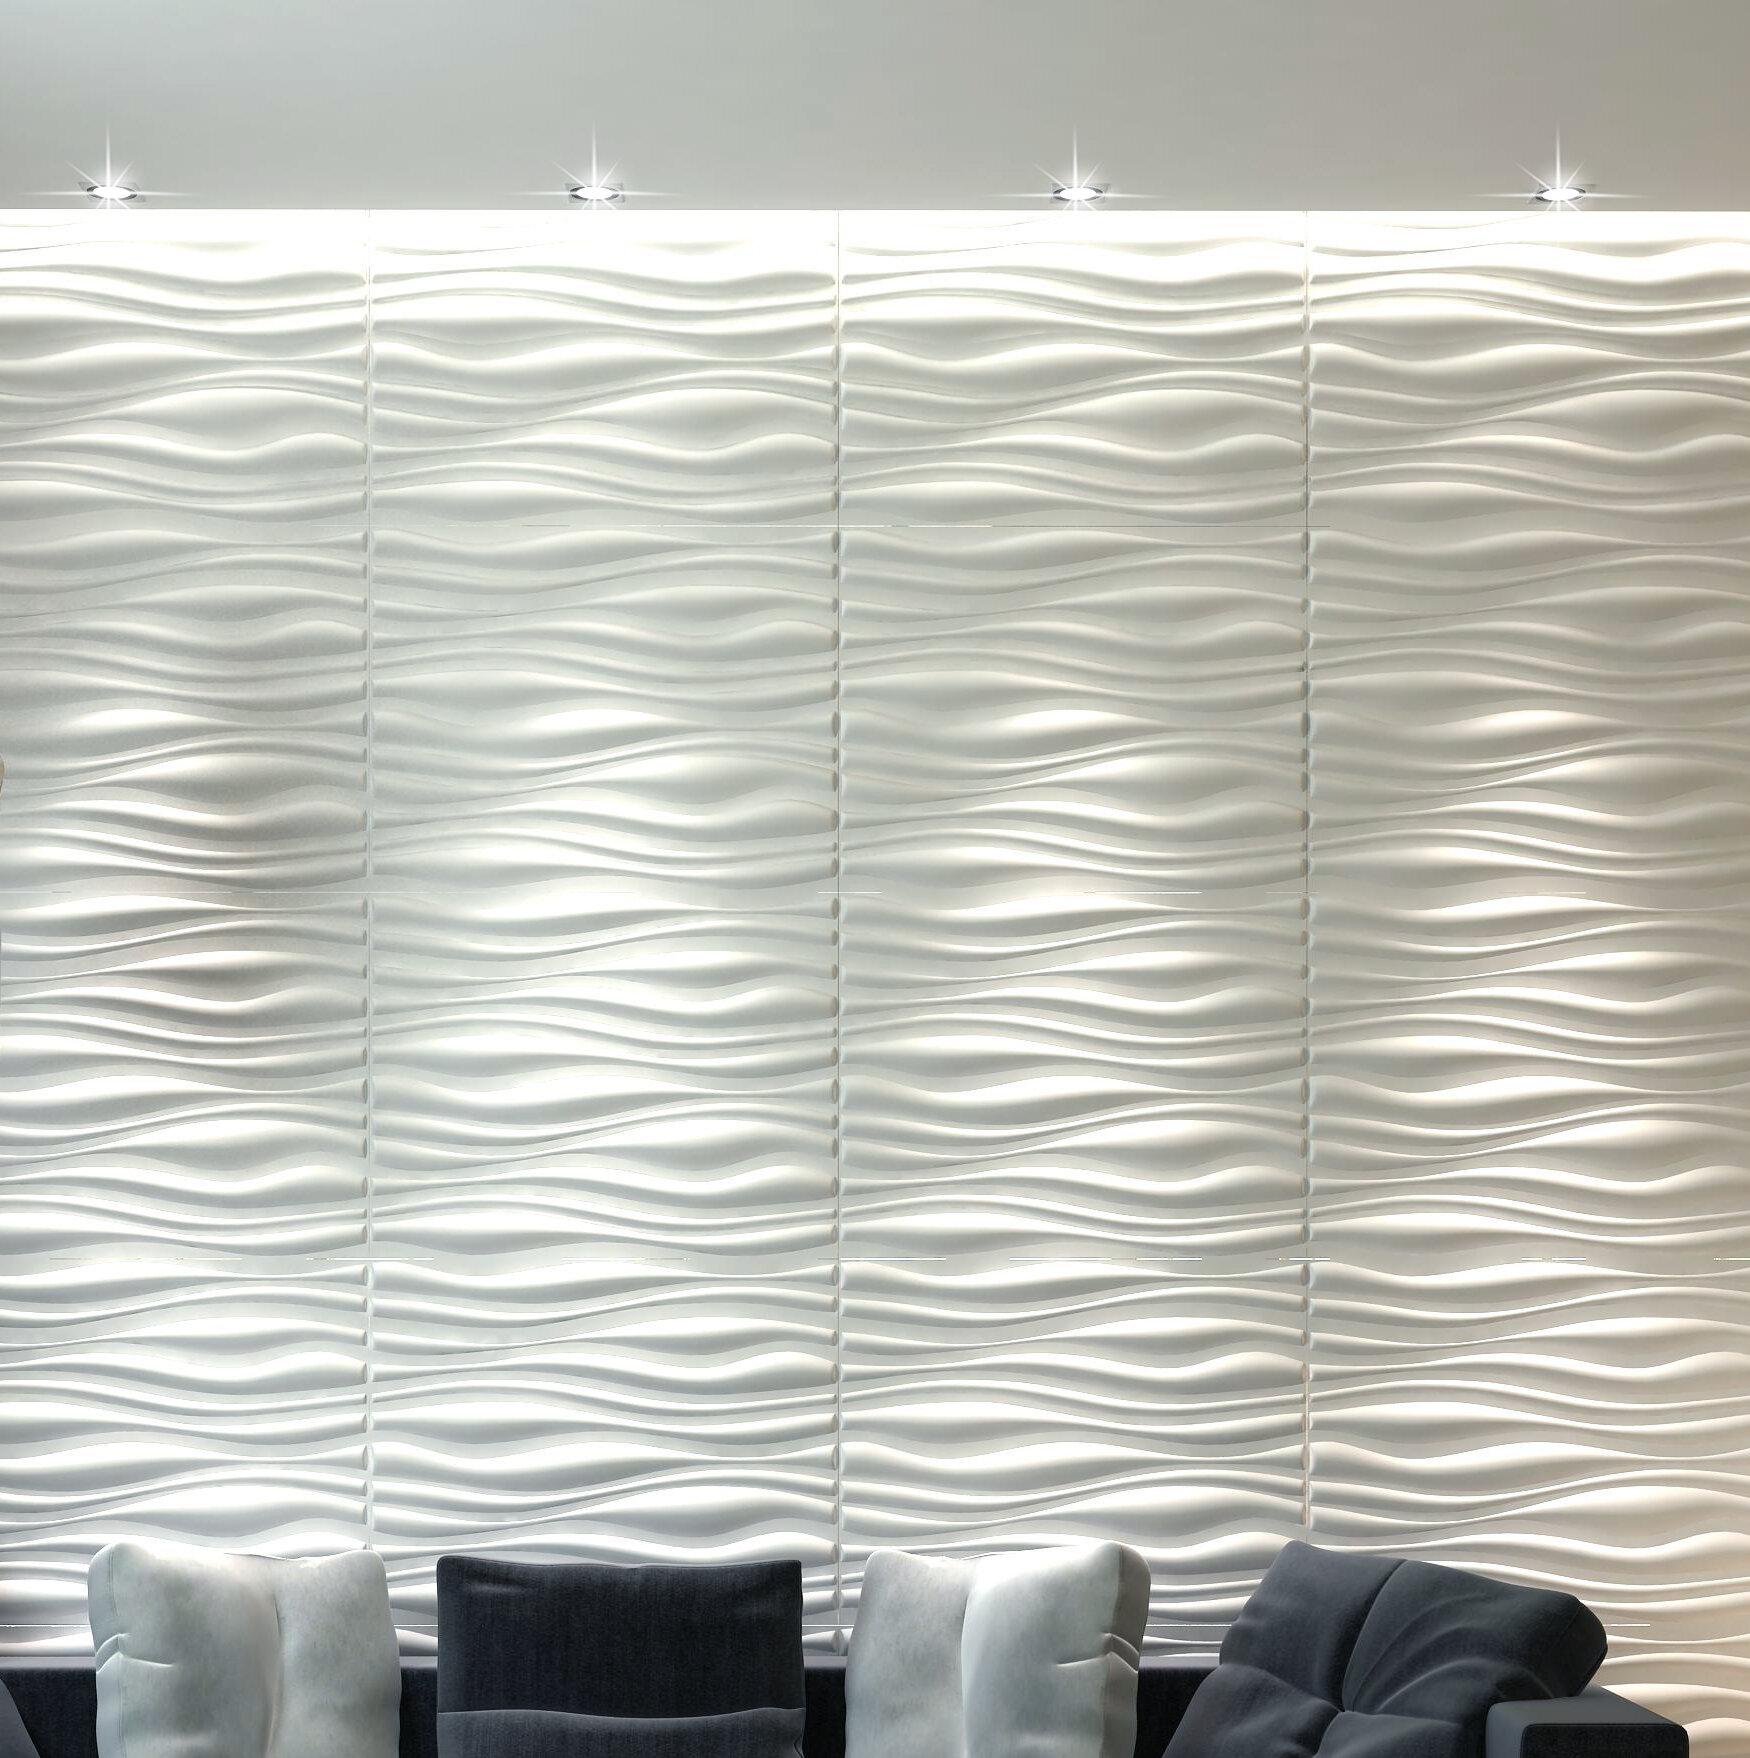 Orren Ellis 20 X 20 Vinyl Wall Paneling In Gloss White Wayfair